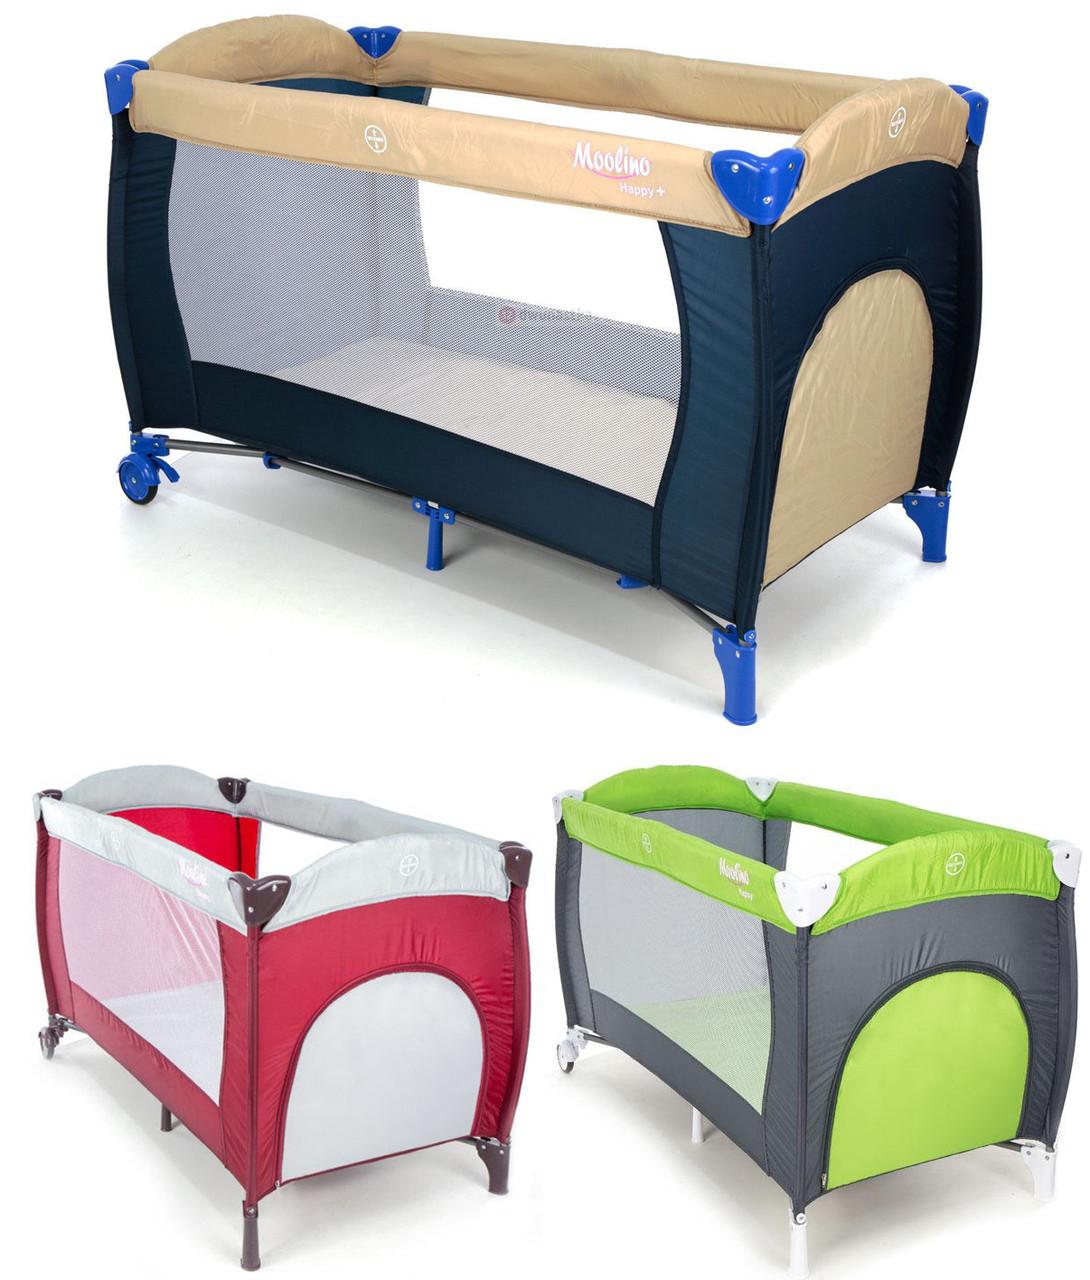 Детская кровать-манеж Moolino Happy